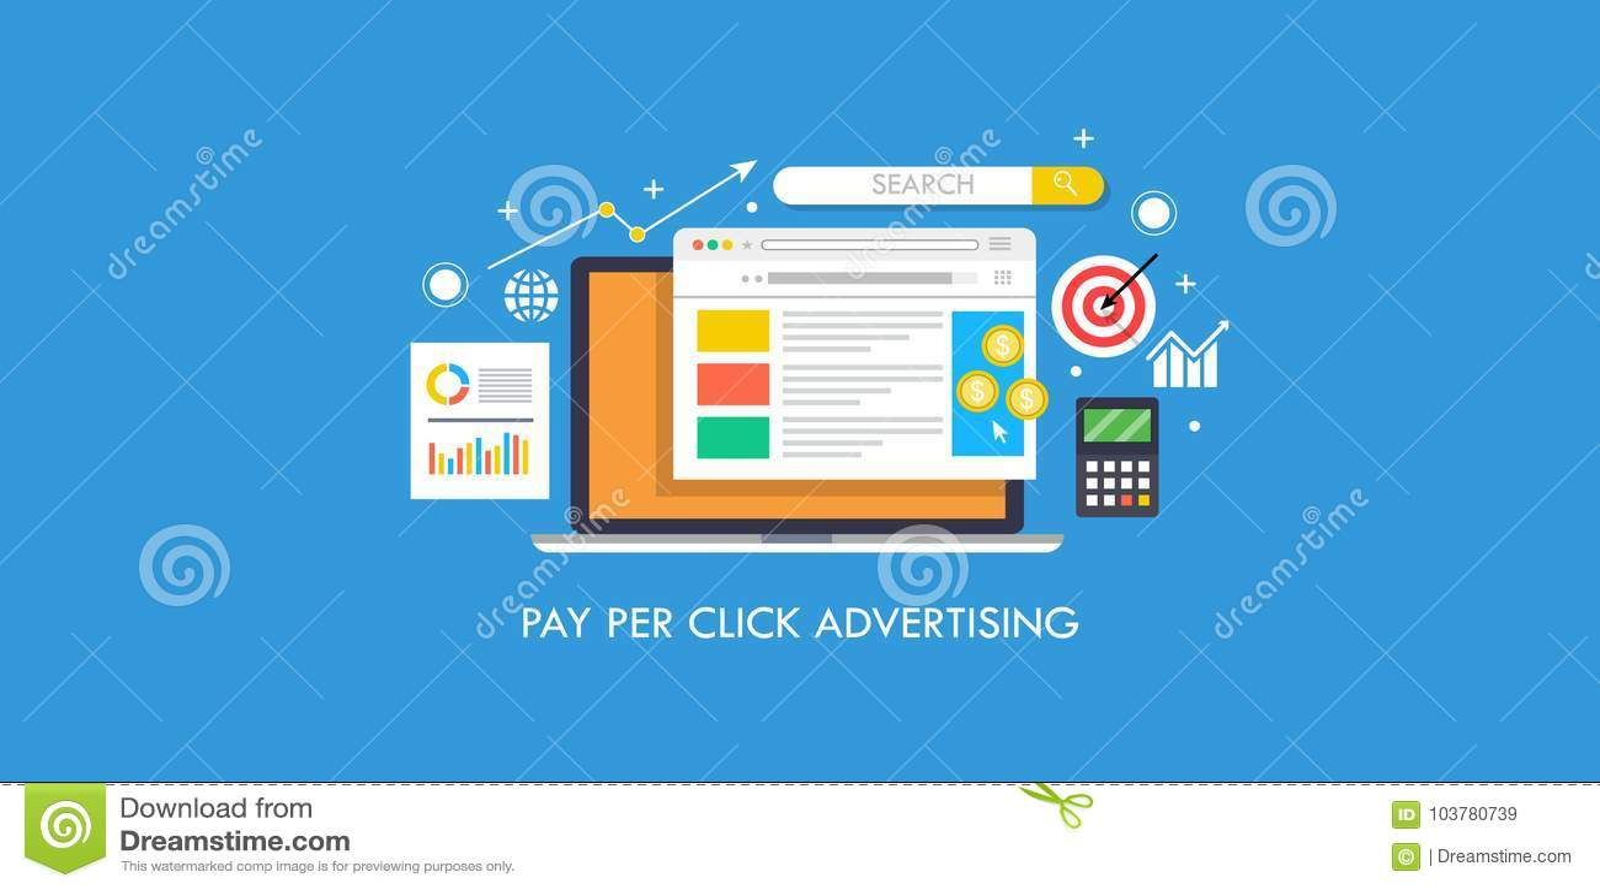 Pague pelo clique - mercado do Search Engine - propaganda digital bandeira lisa do PPC do projeto